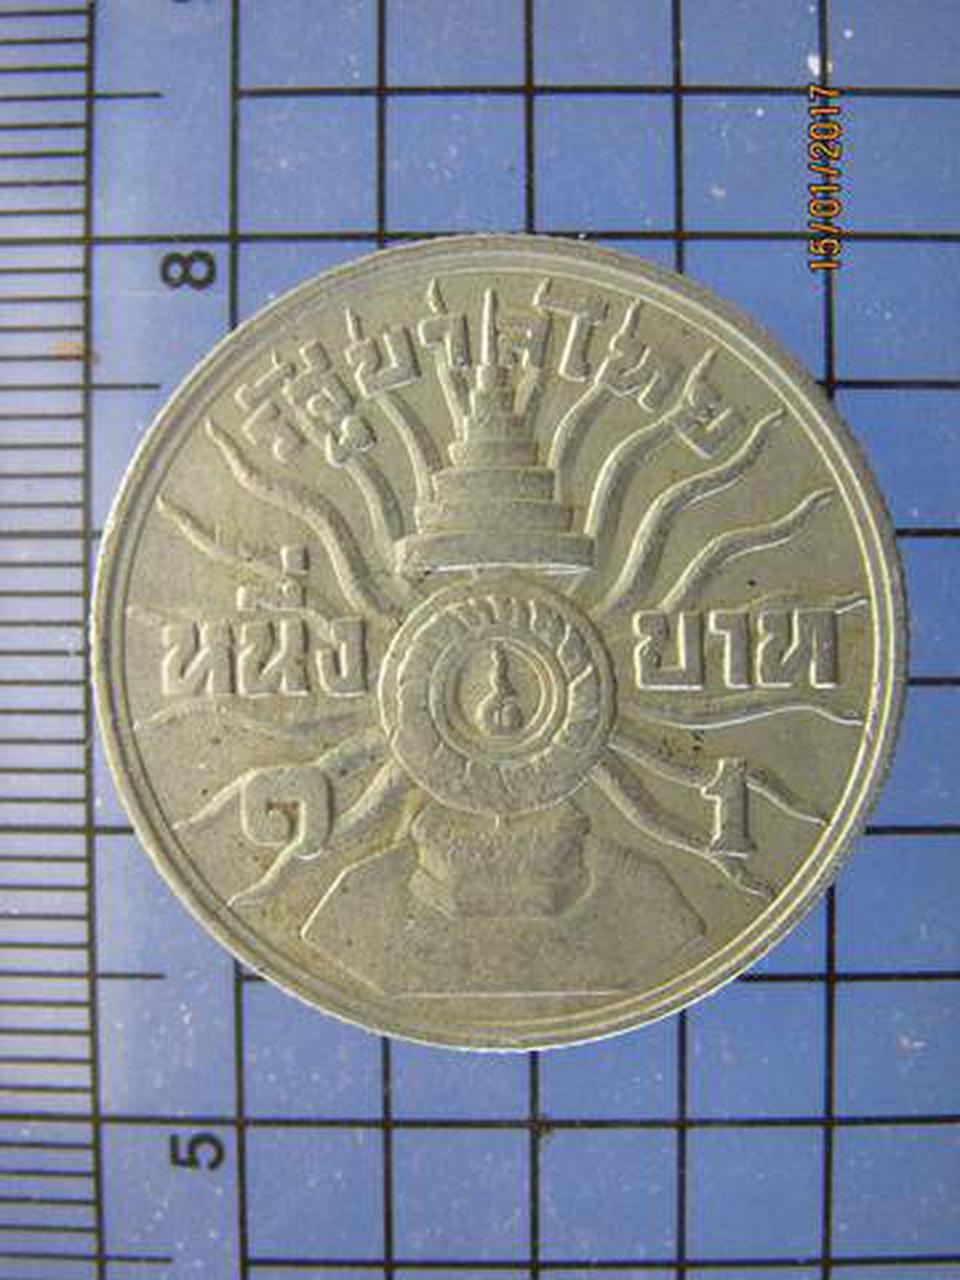 4182 เหรียญนิเกิ้ล 1 บาท ร.9 พระชนมายุครบ 3 รอบ ปี 2506 รูปที่ 3